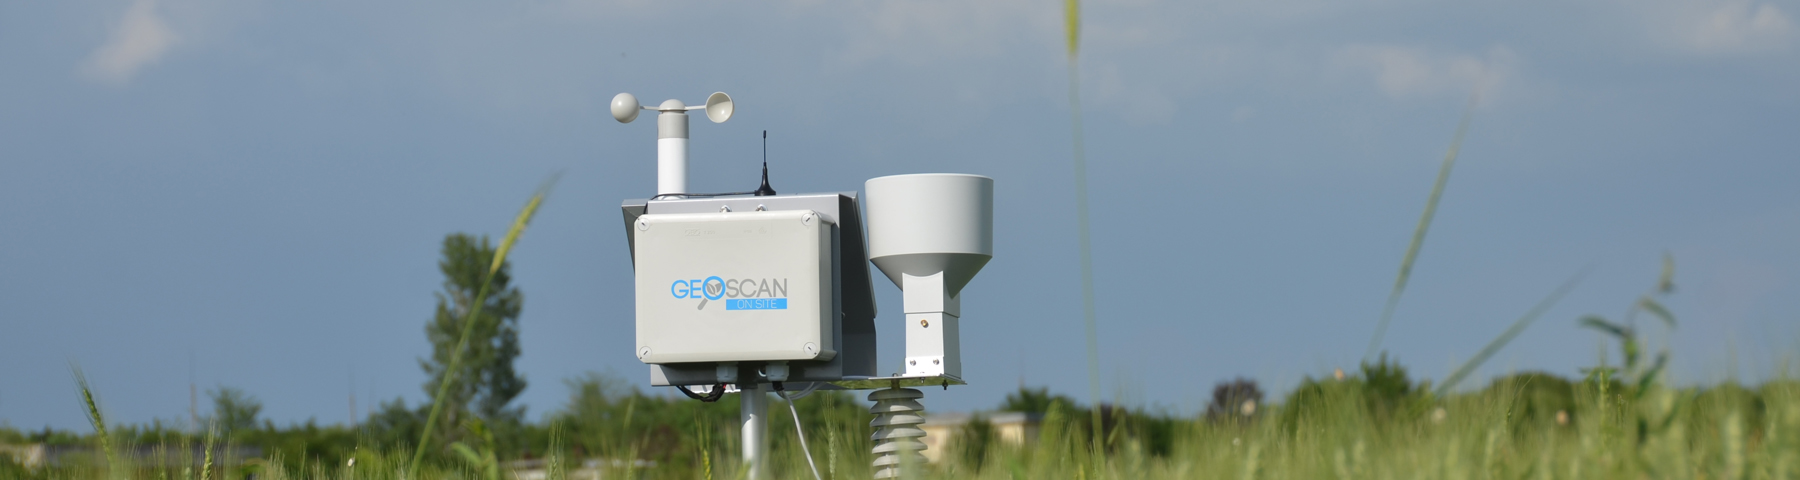 GeoSCAN ONSITE – метеоданни и сателитни снимки